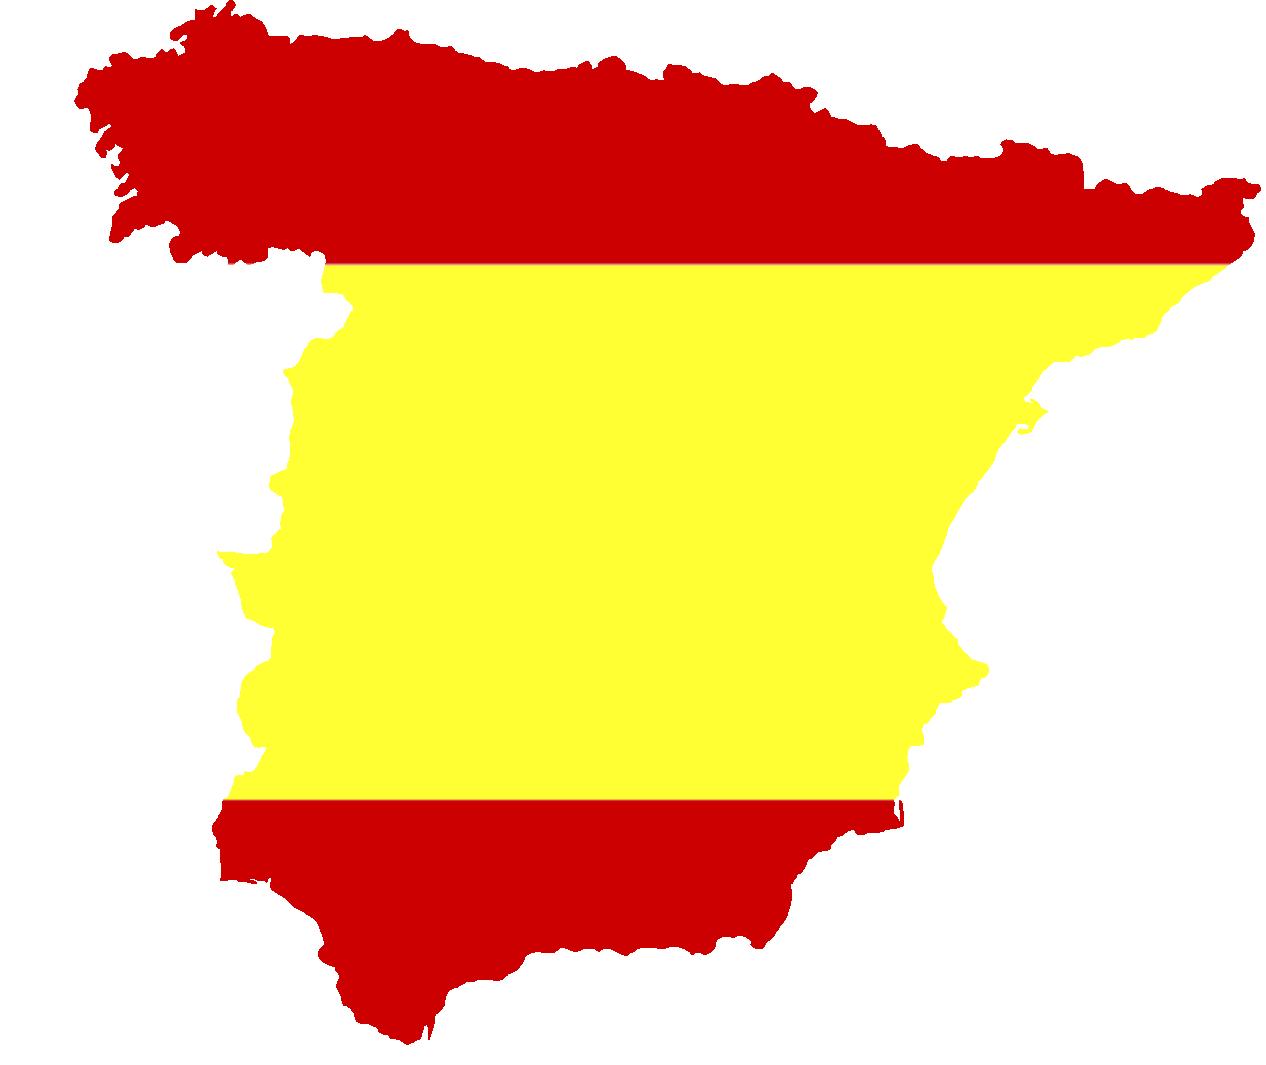 I like spanish clipart jpg royalty free stock Gallery For > I Like Spanish Clipart jpg royalty free stock